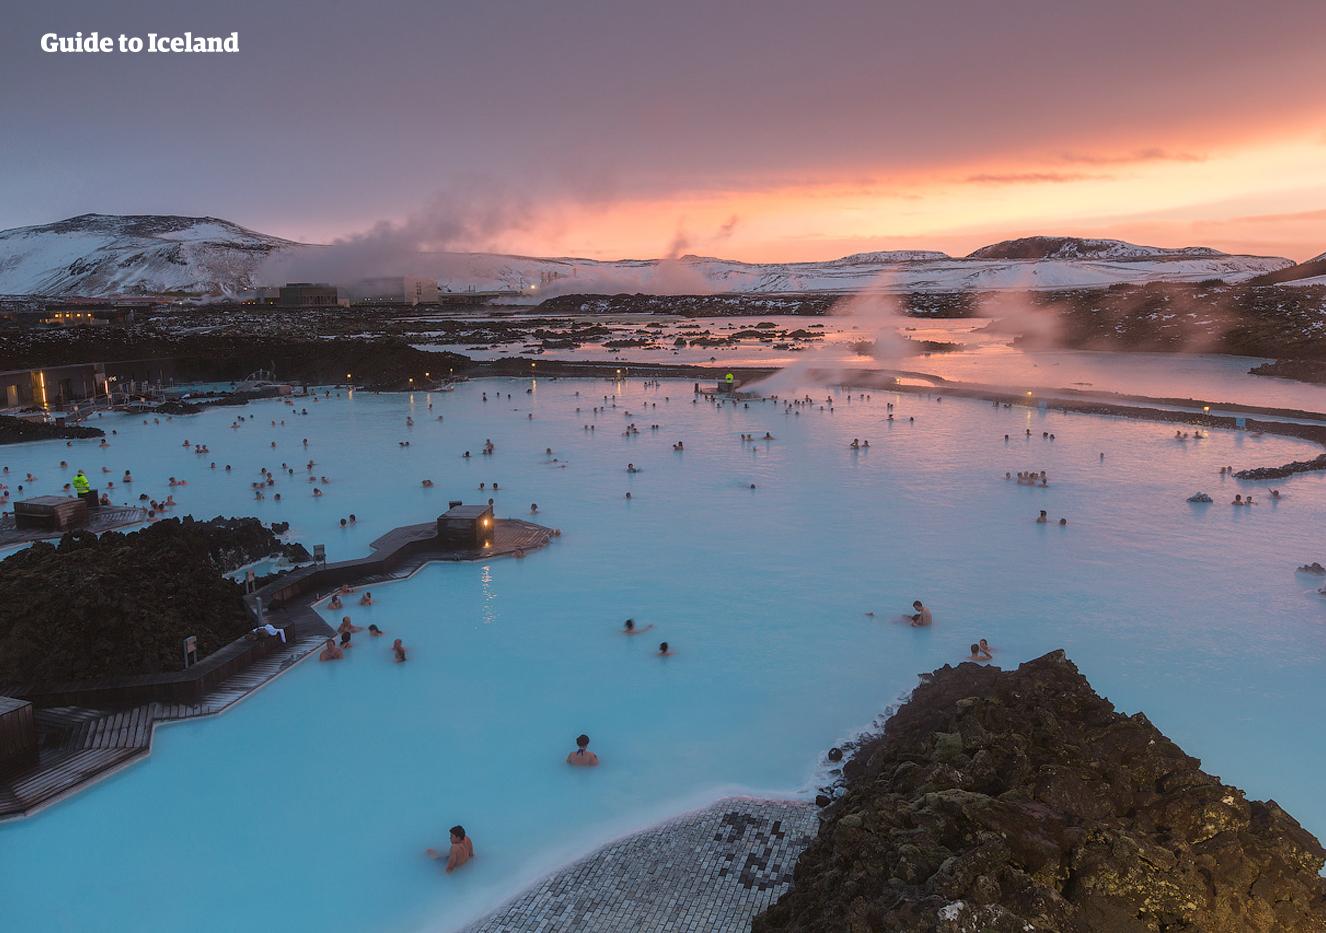 Före en lång flygresa och efter en lång semester är Blå lagunen en perfekt plats att bli av med lite stress.